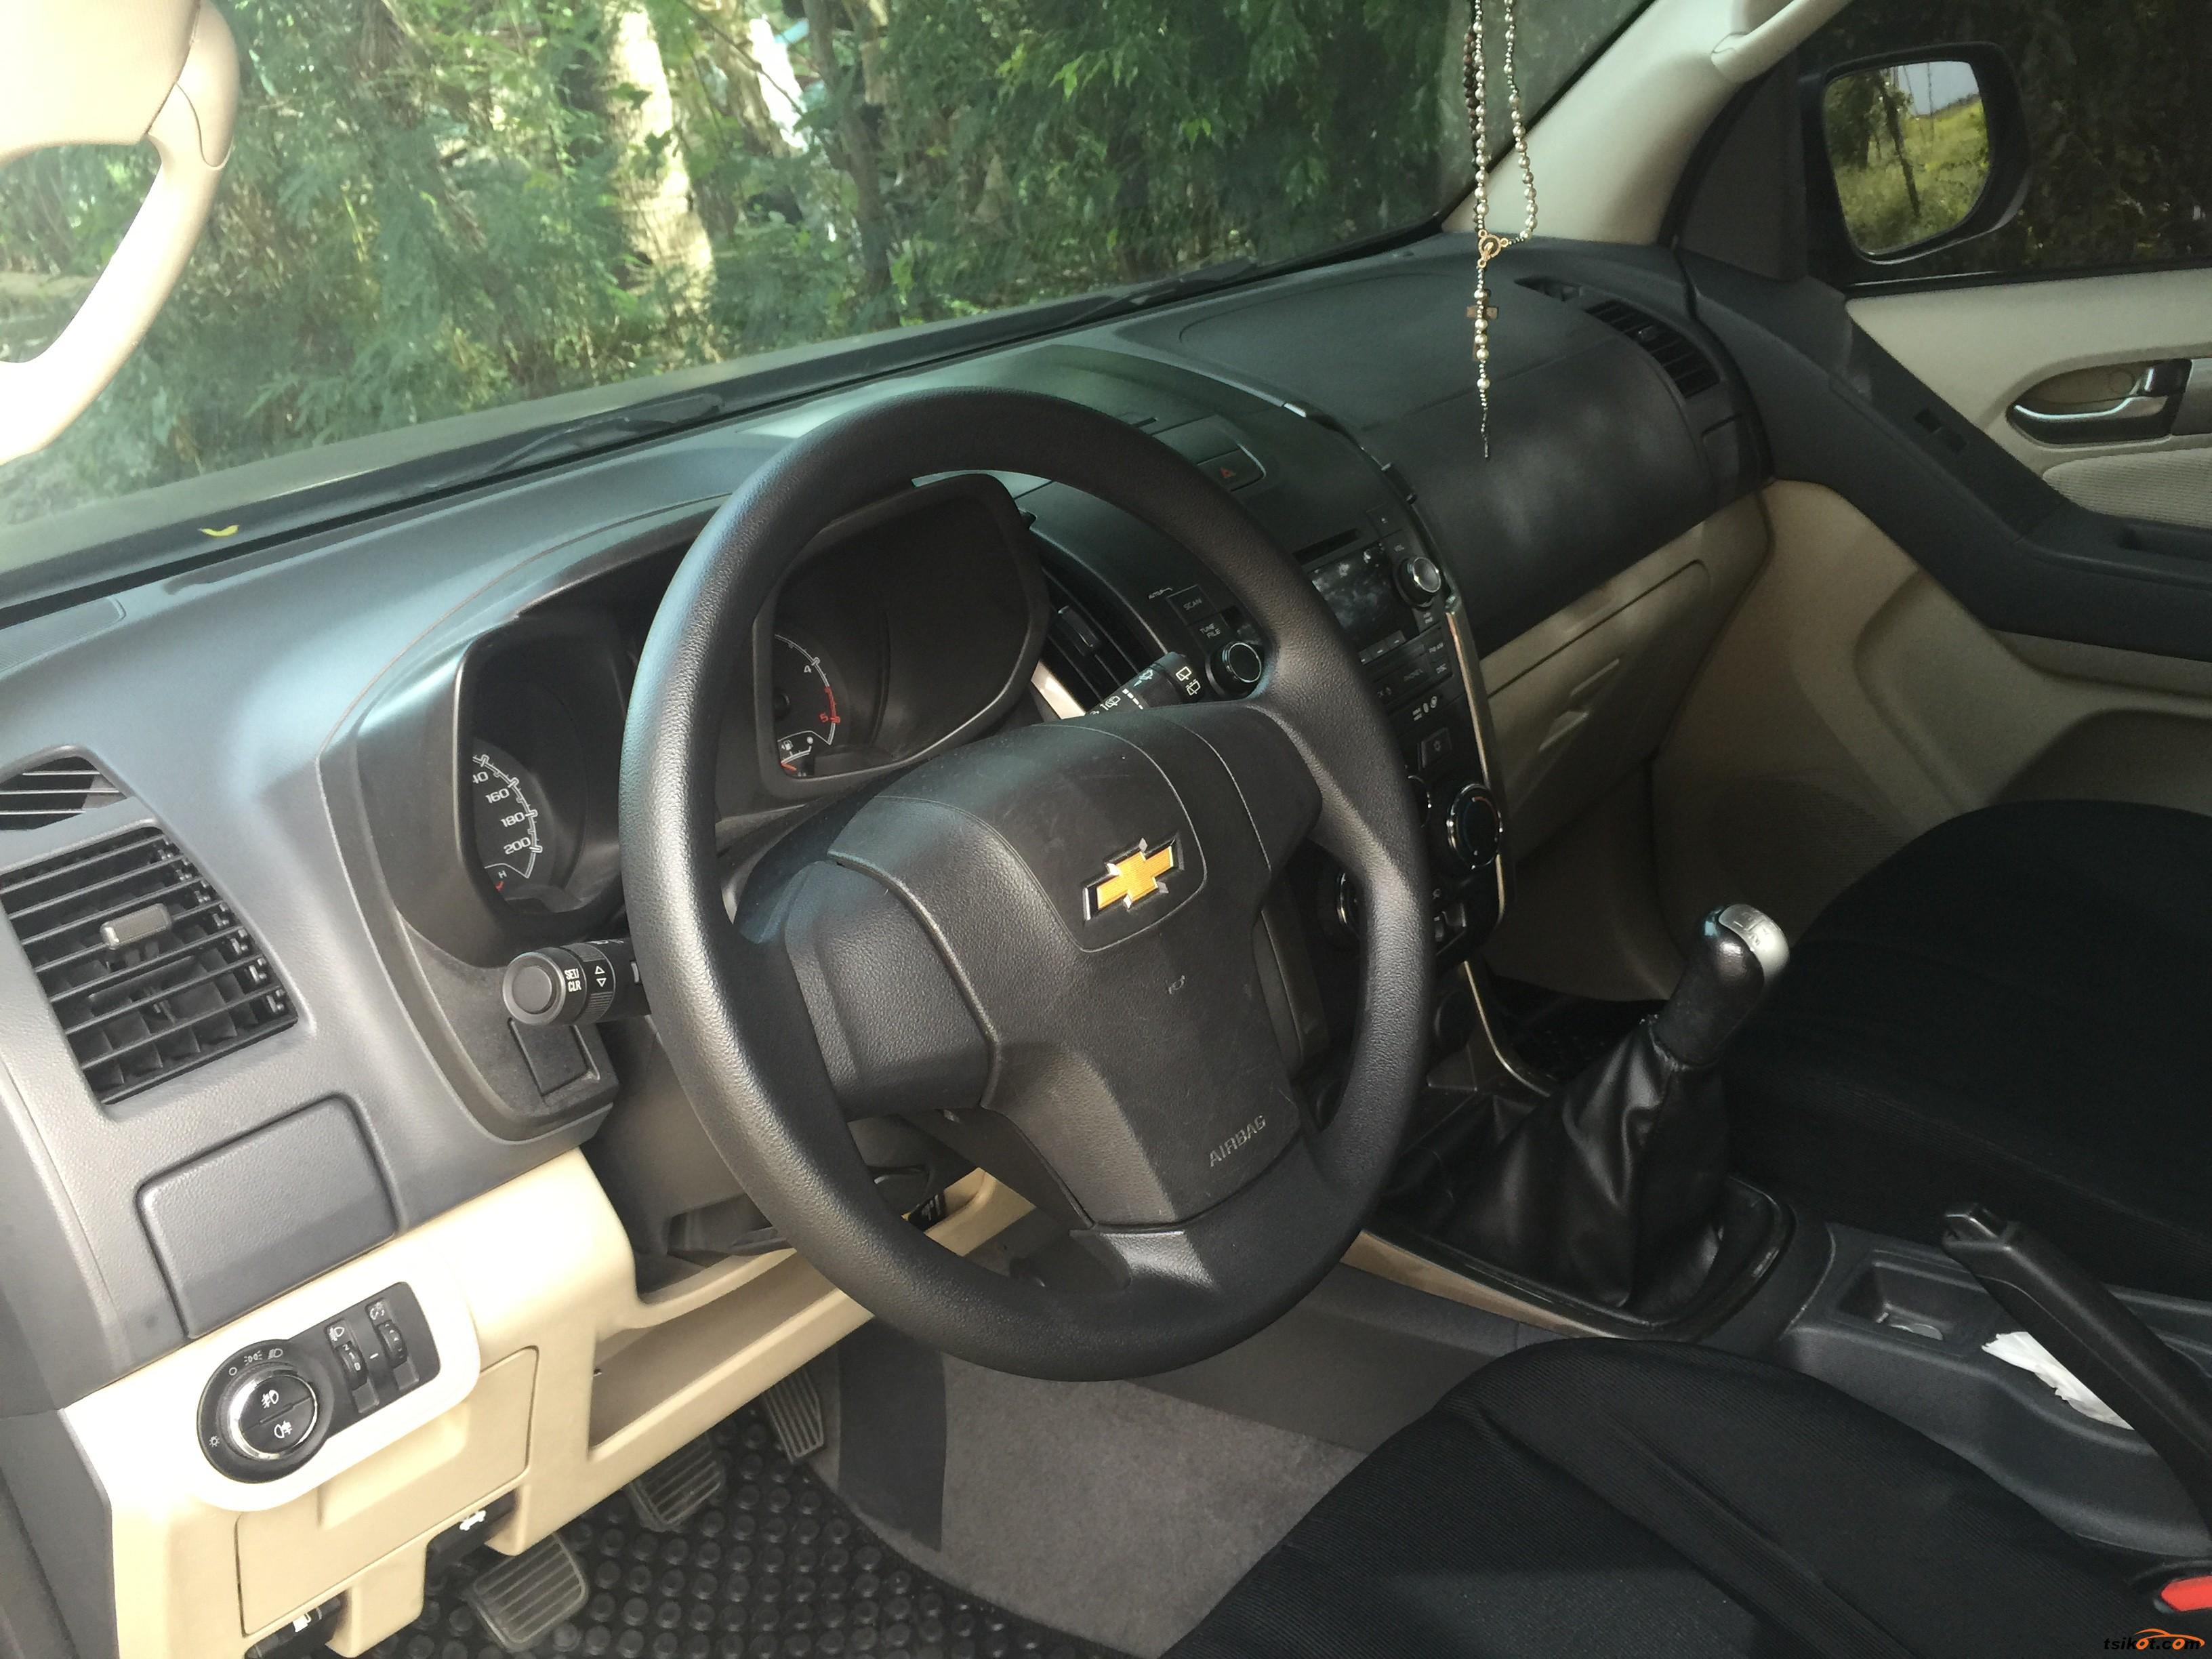 Chevrolet Trailblazer 2012 - 1